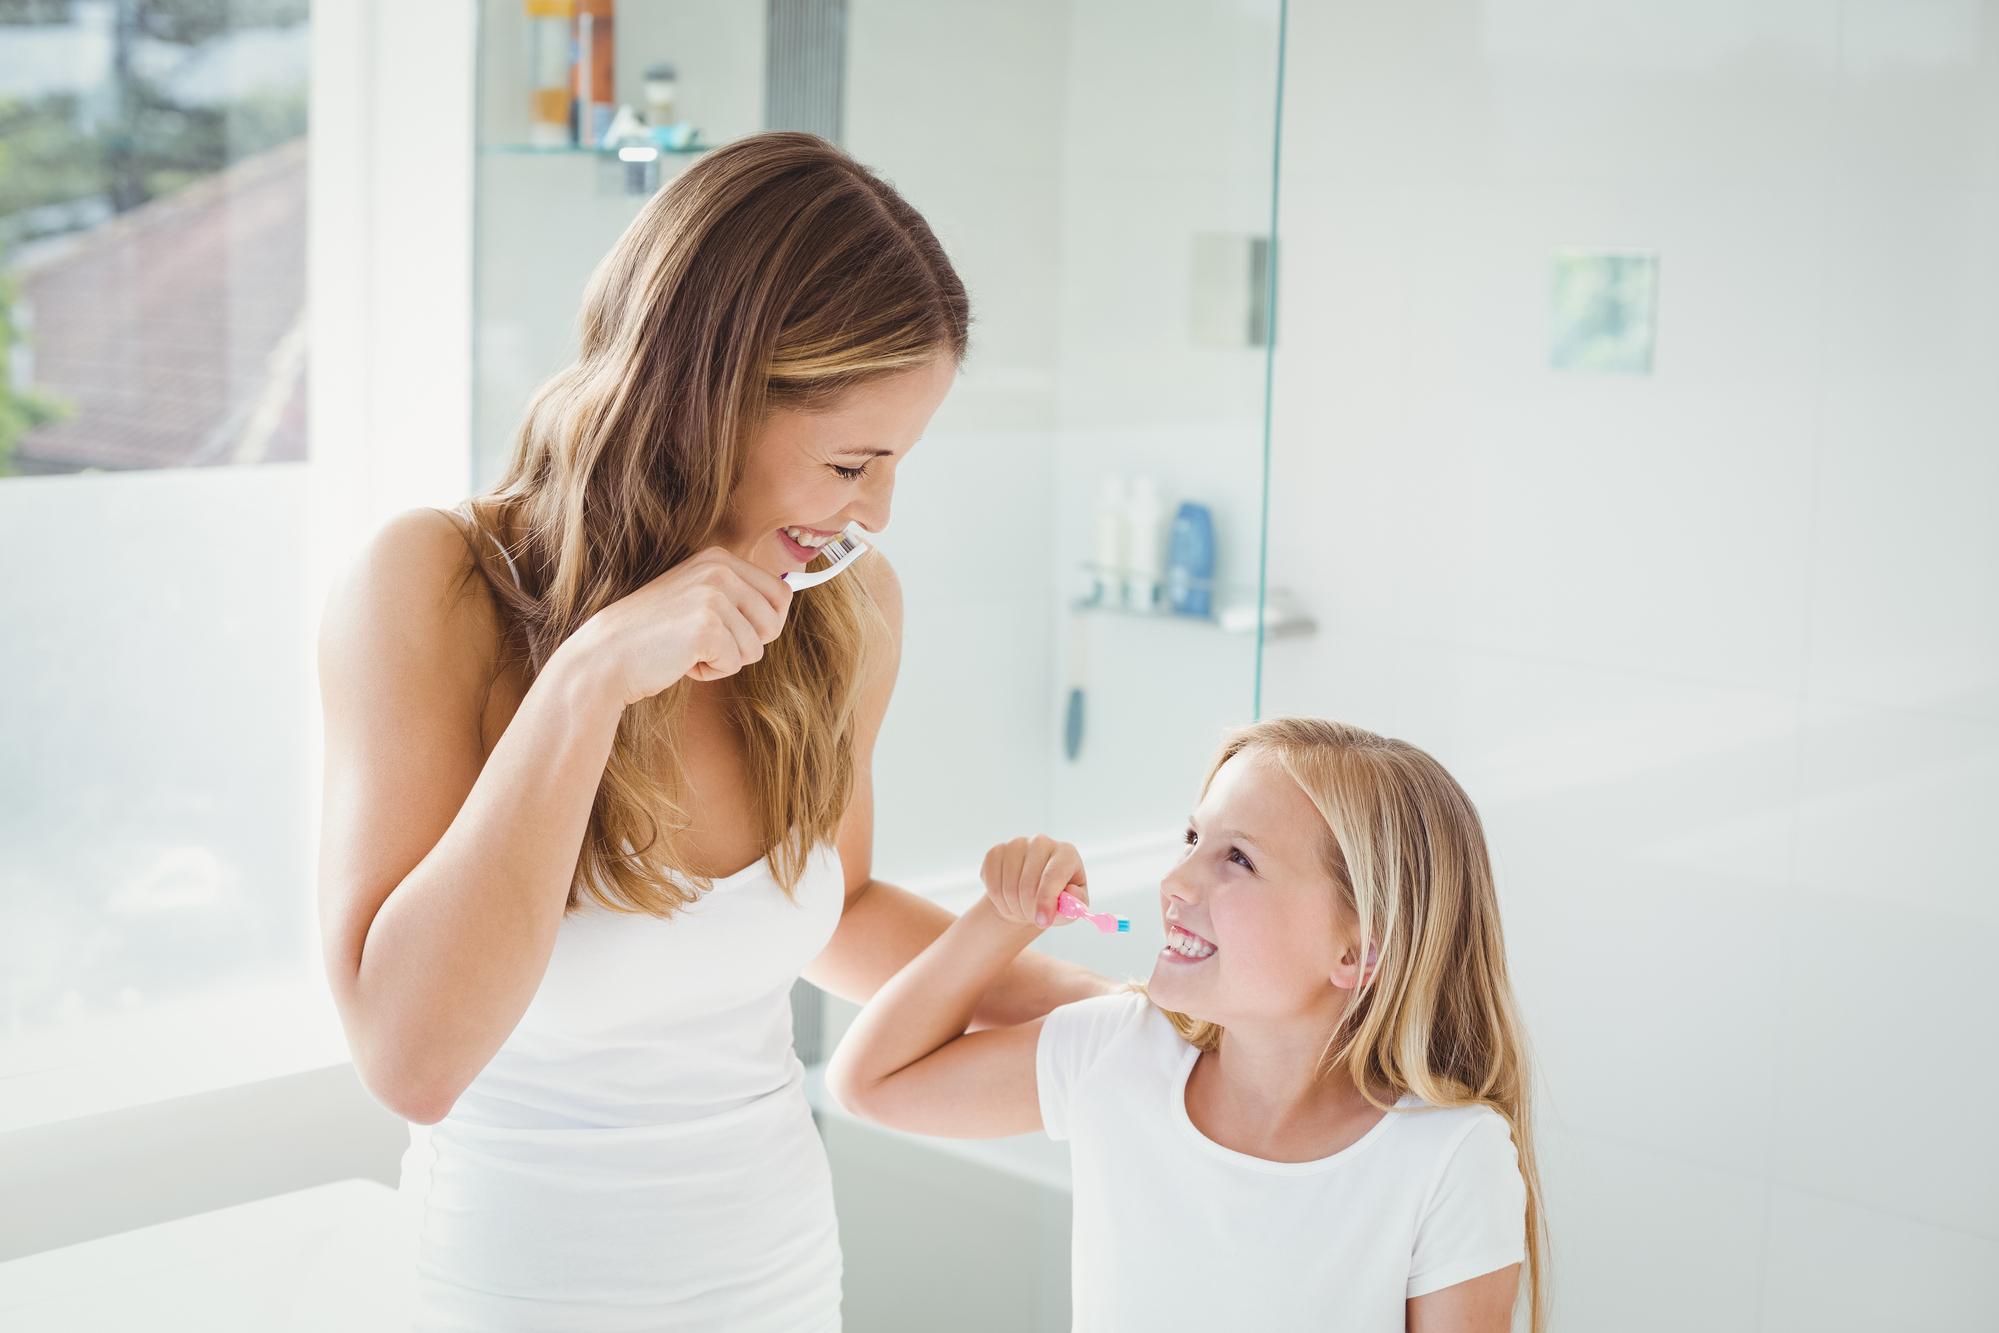 Los básicos imprescindibles este verano para cuidar la salud bucal